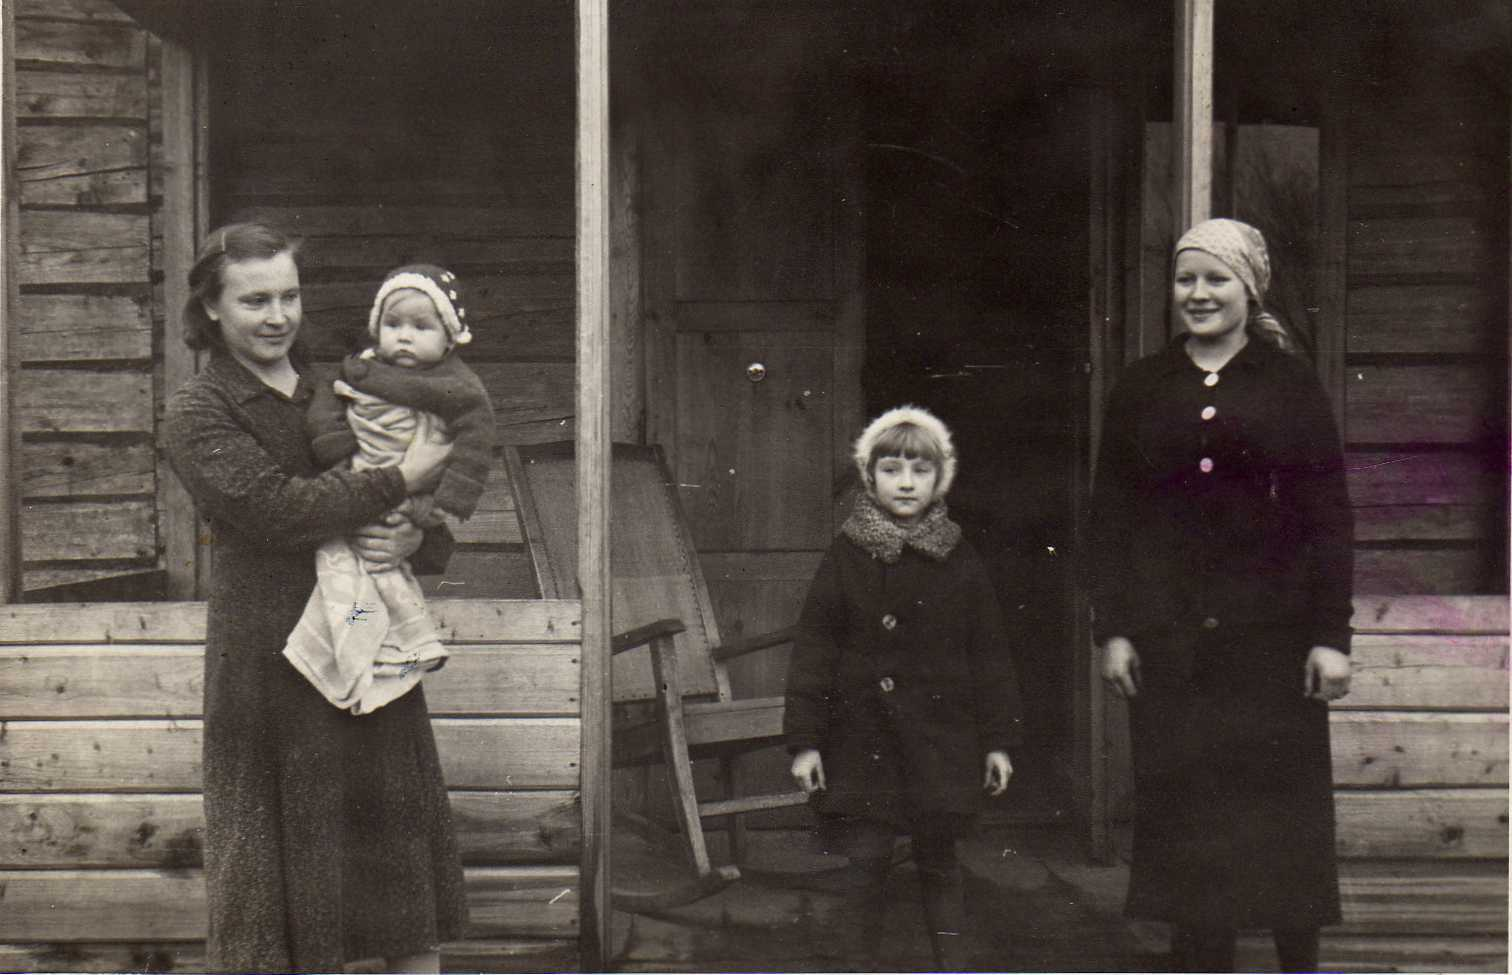 Profesoriaus, agronomo Petro Vasinausko žmona Ona Vasinauskienė (Malakauskaitė) (pirma iš kairės) su dukterimis Danute ir Ona Laimute. 1939 m.